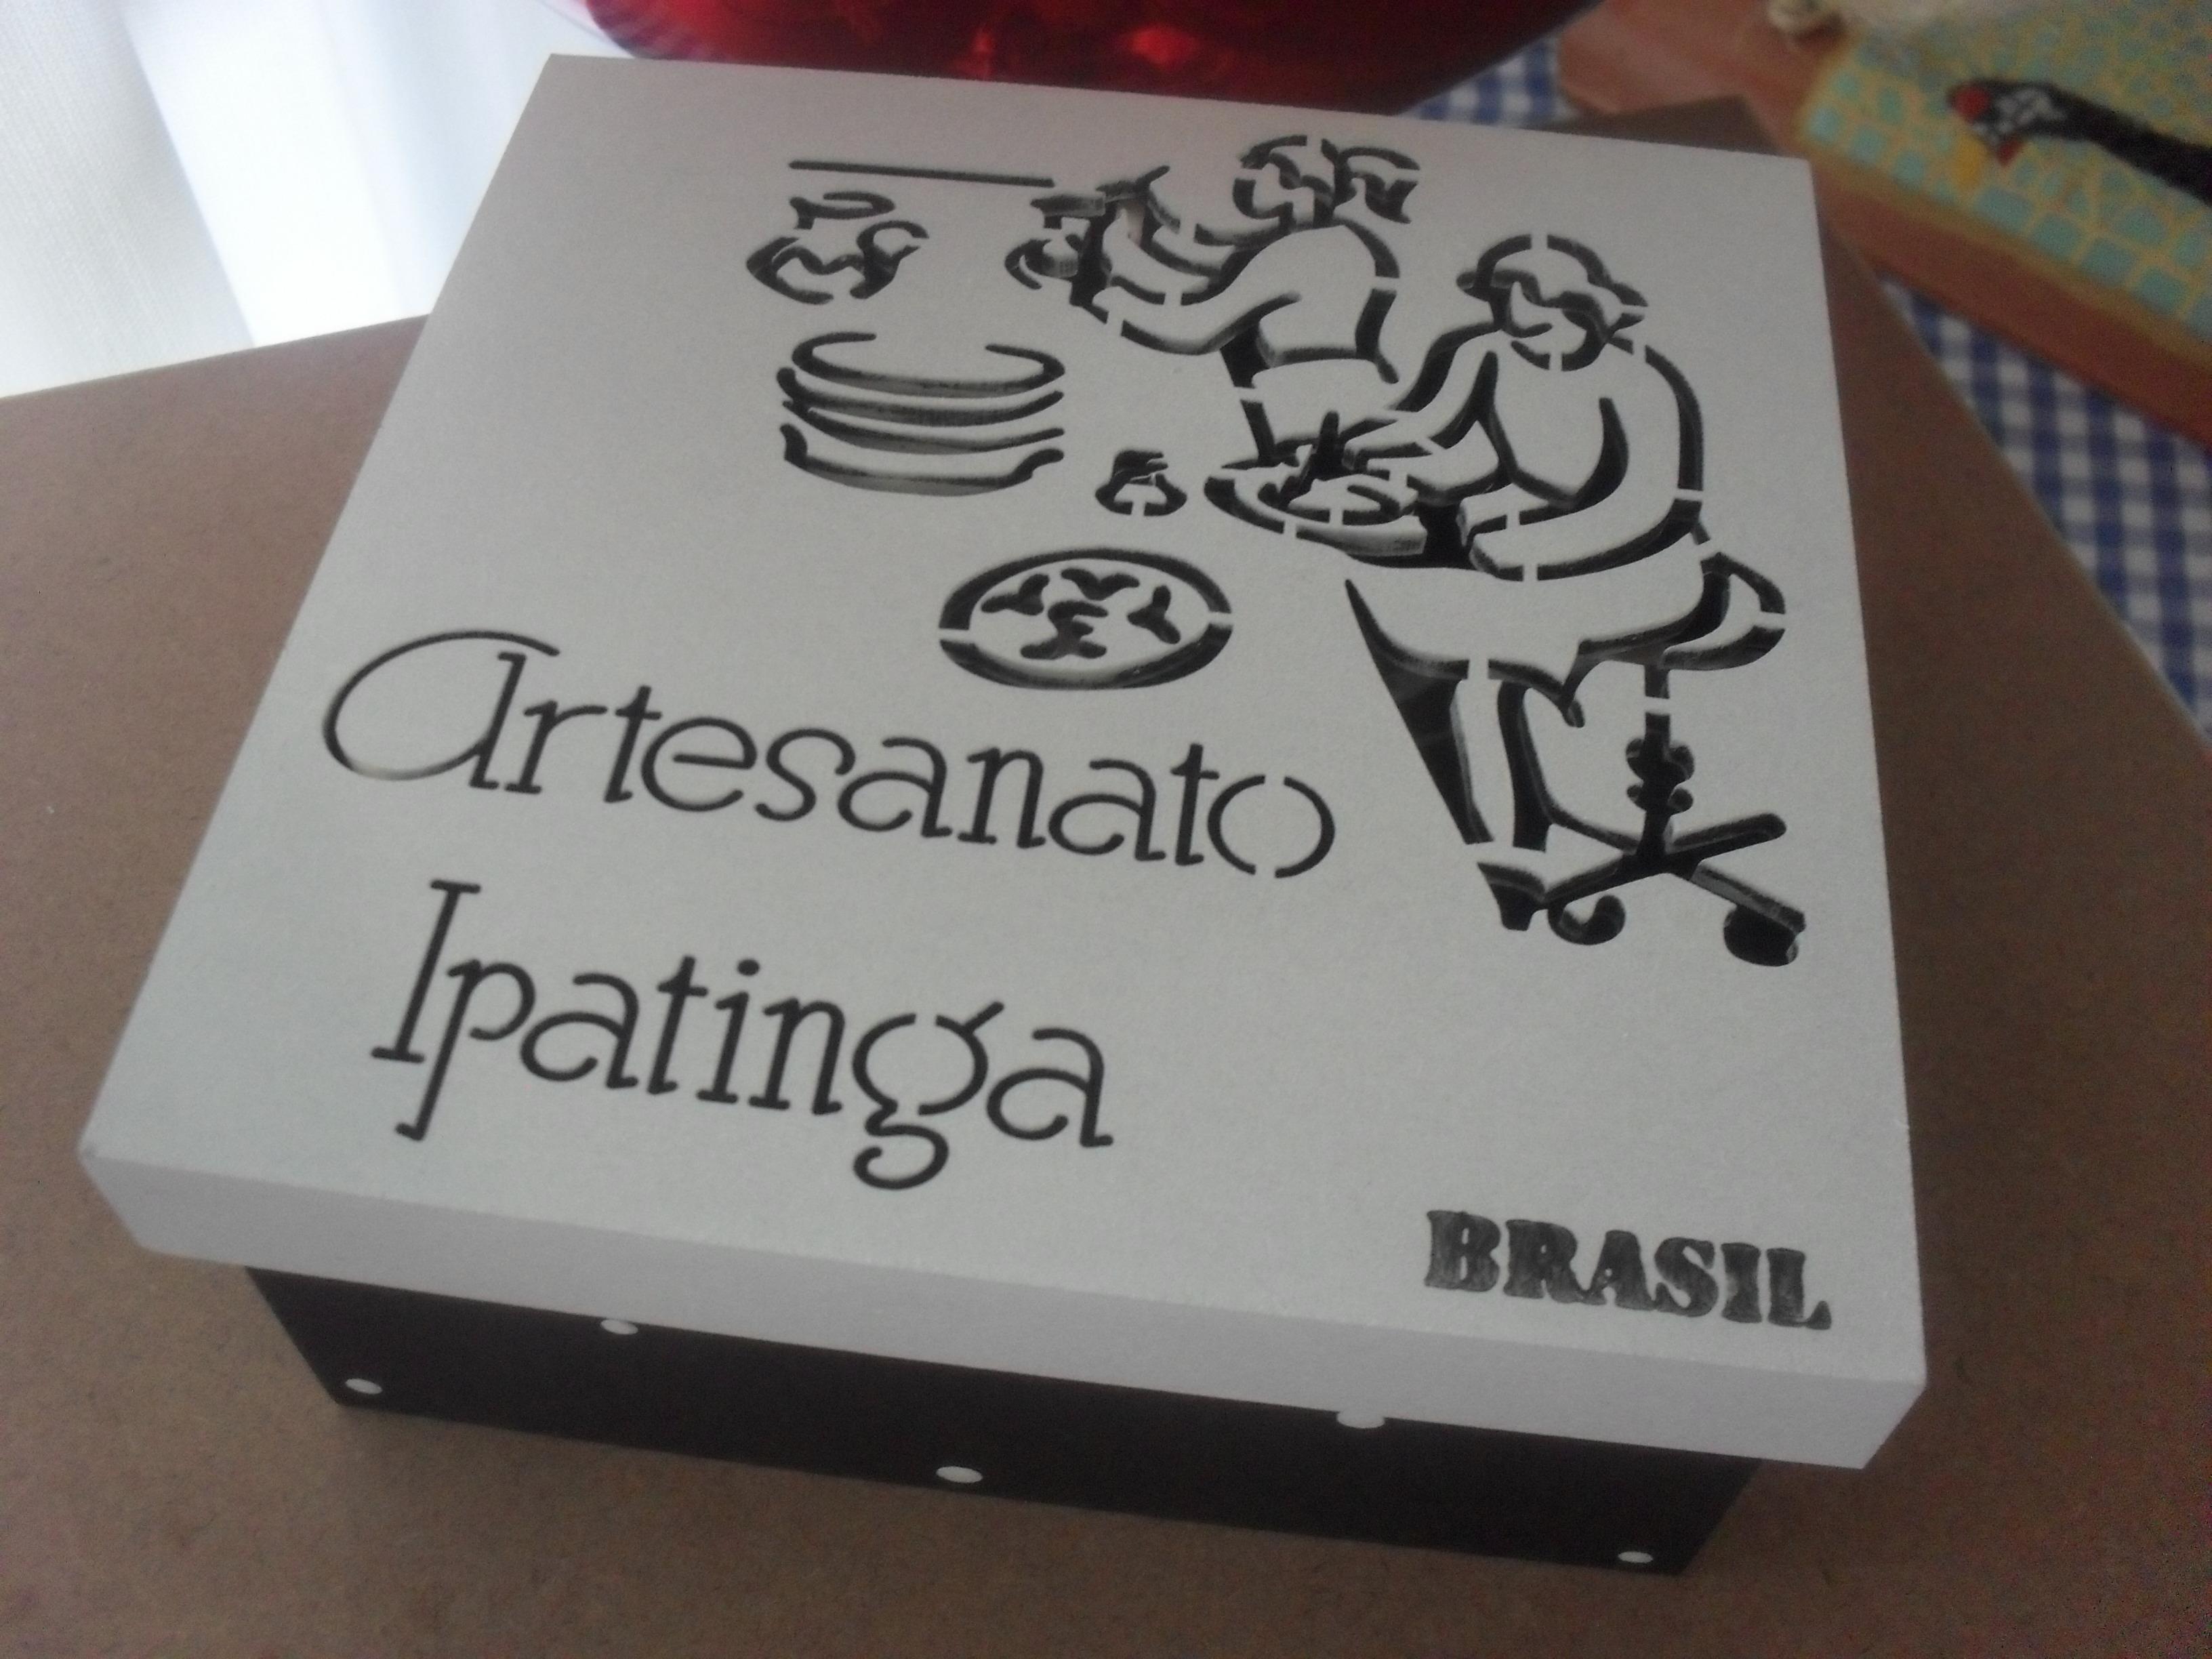 Aparador Para Ficar Atras Do Sofa ~ caixa brasil artesanato ipatinga artesanatoipatinga Elo7